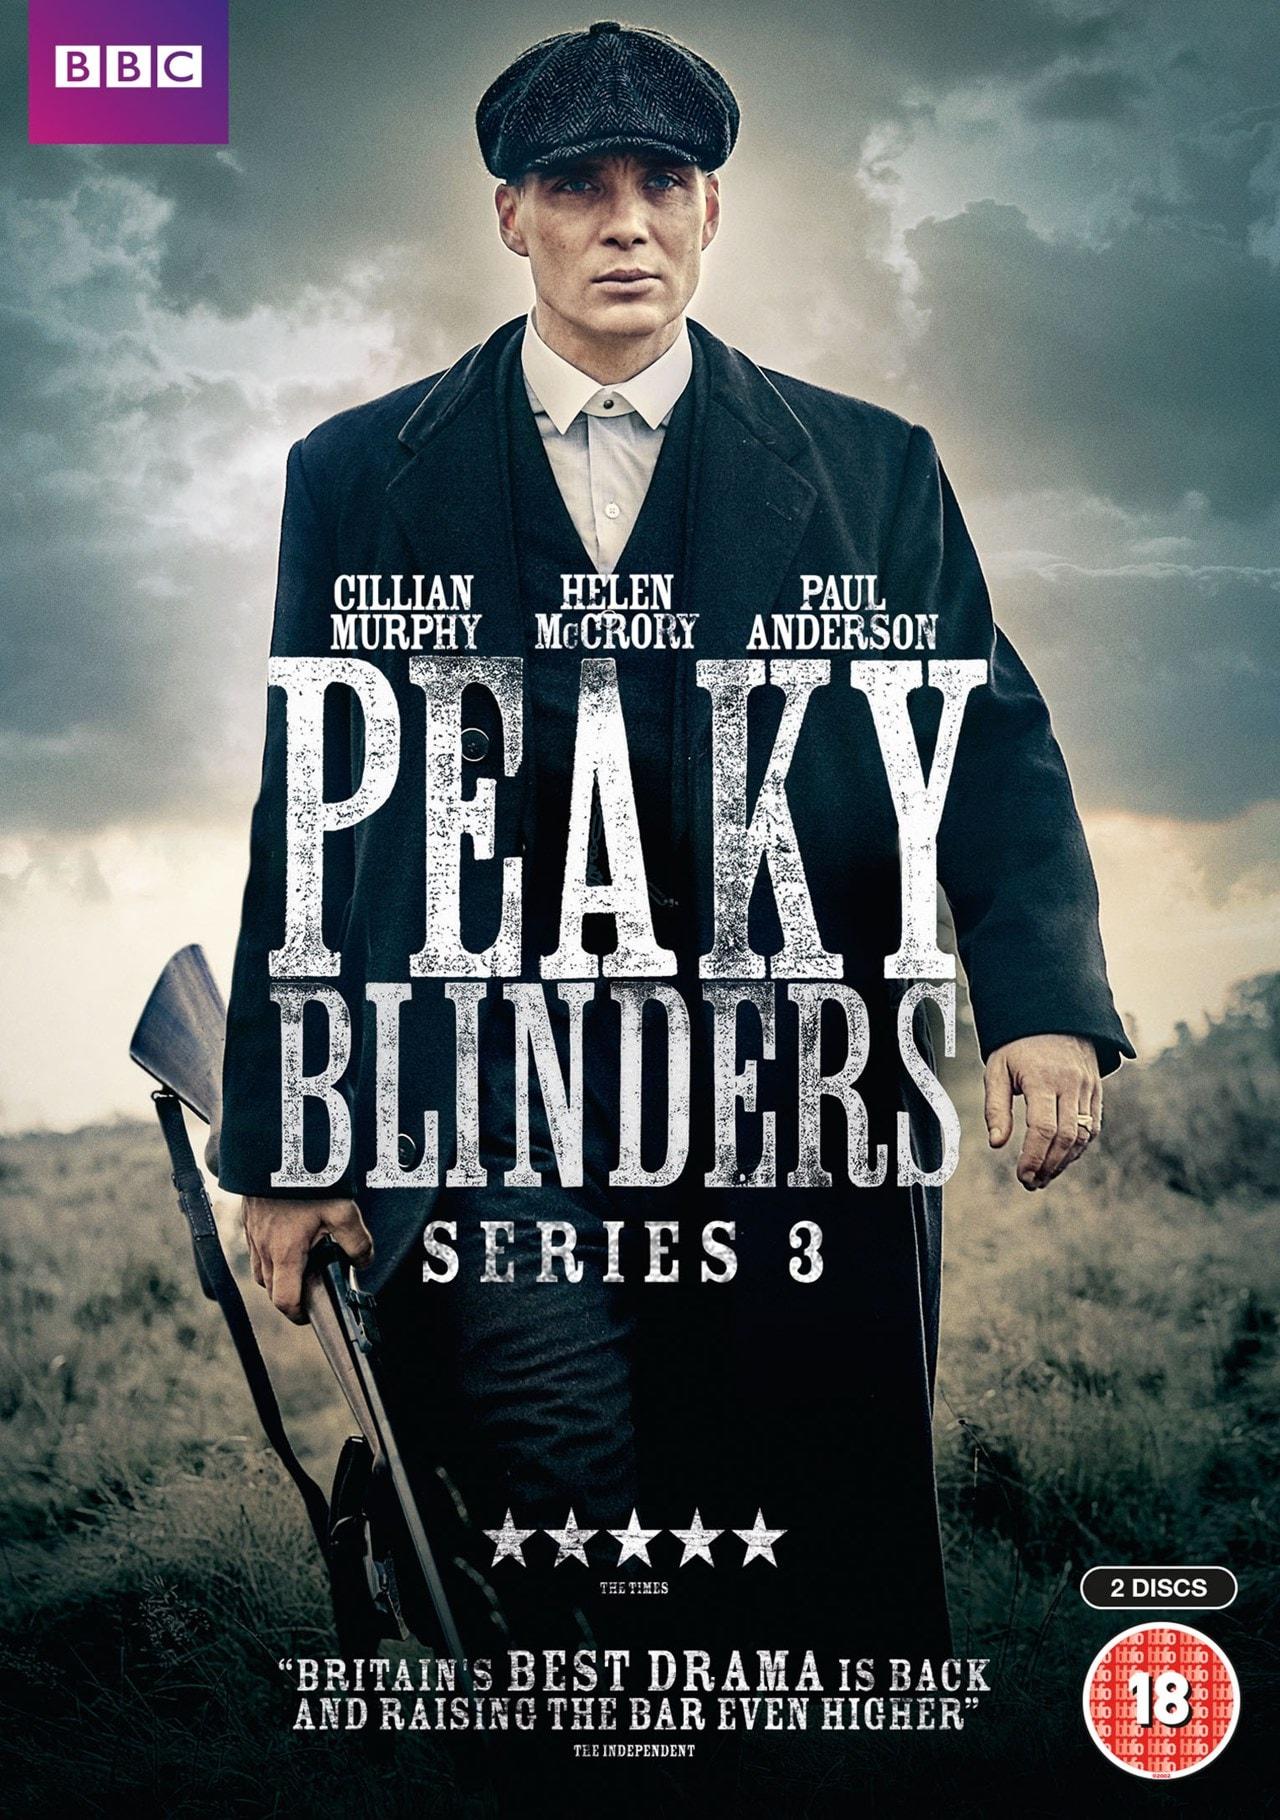 Peaky Blinders: Series 3 - 1